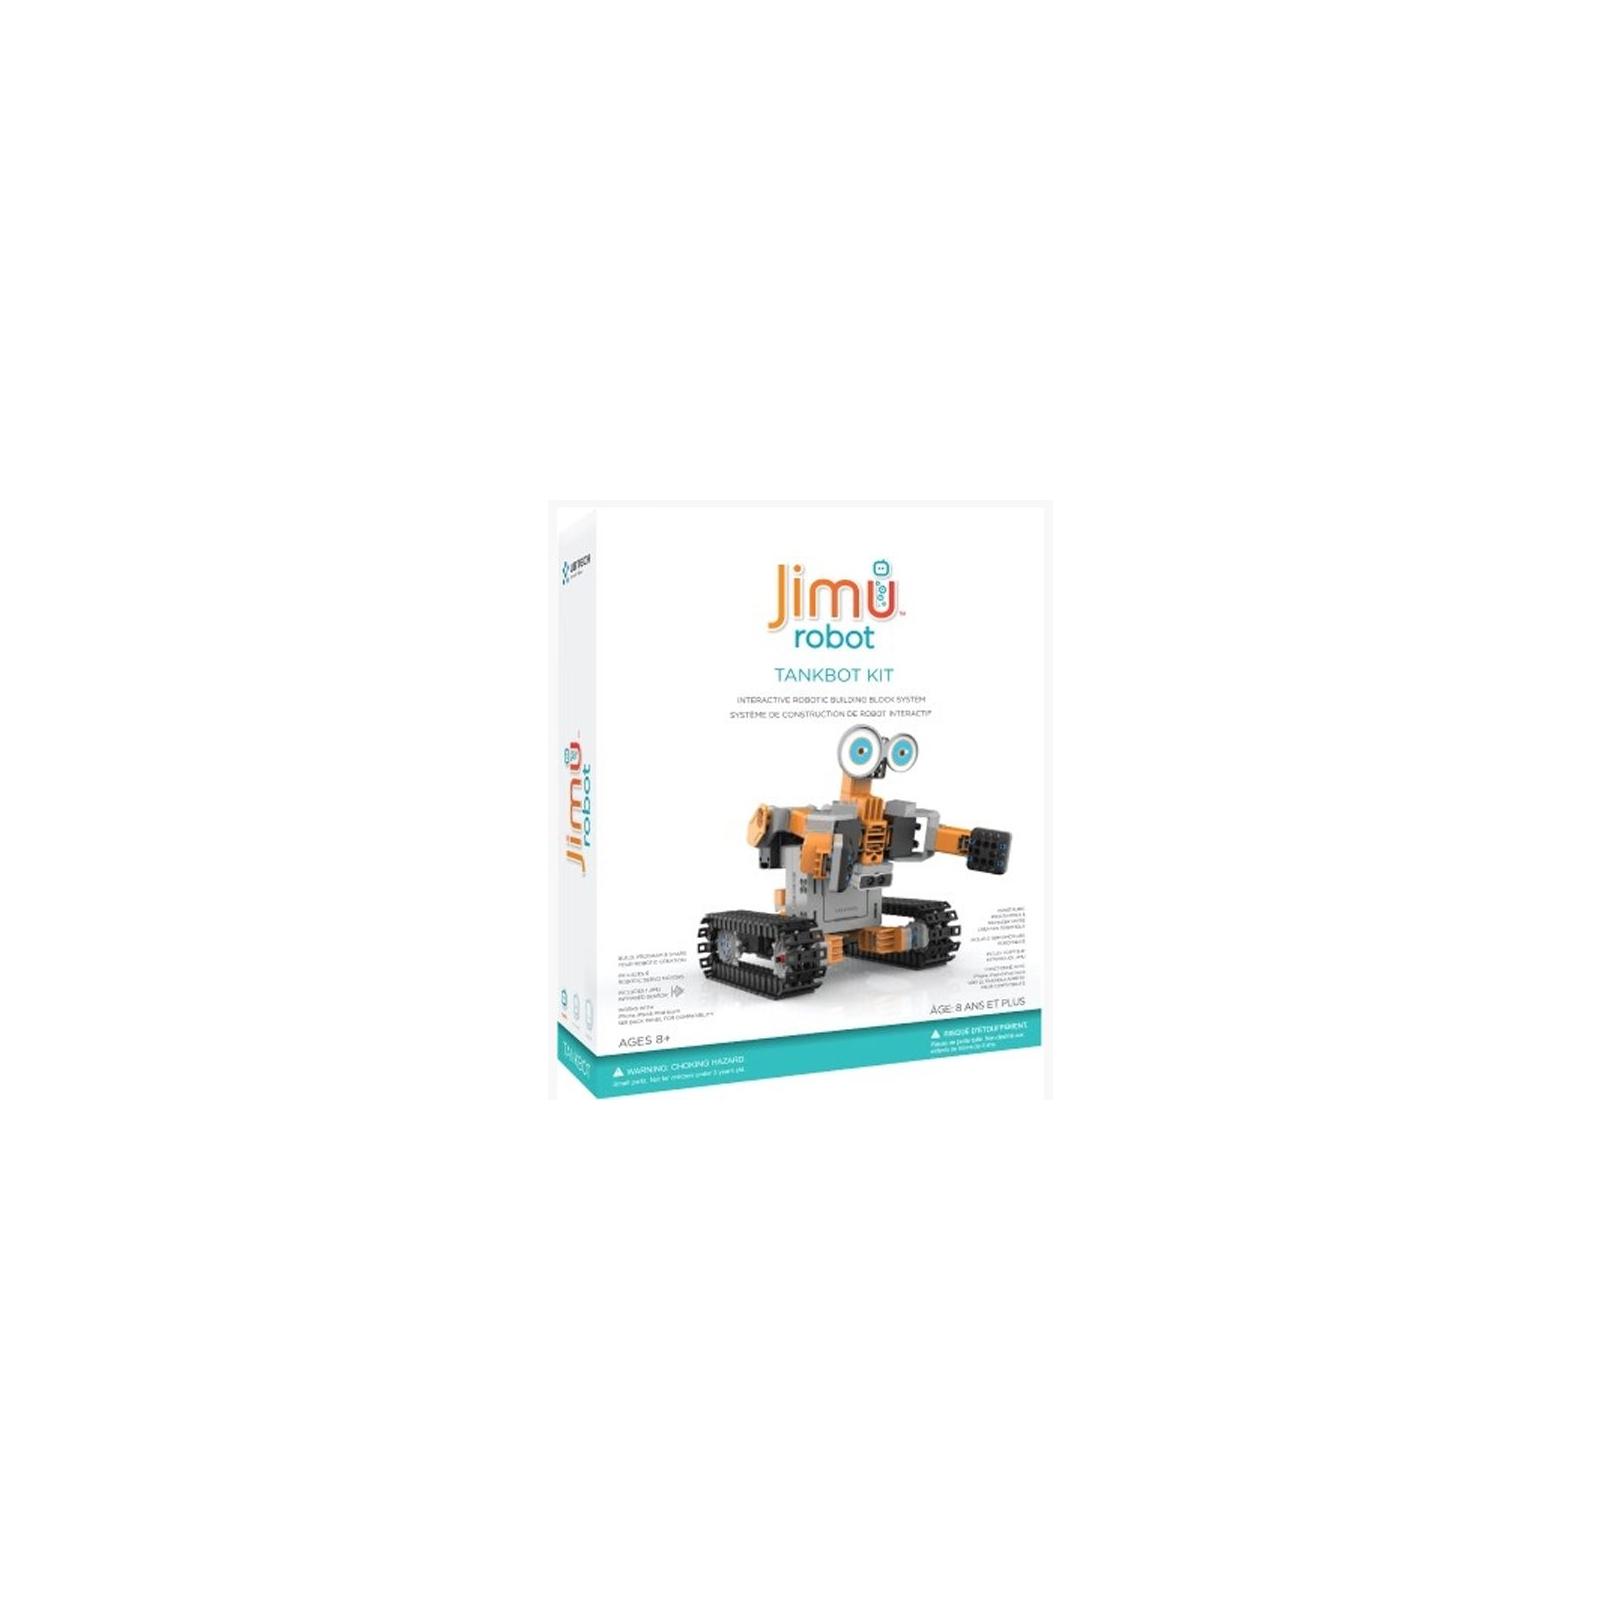 Робот Ubtech JIMU Tankbot (6 servos) (JR0601-1) изображение 10